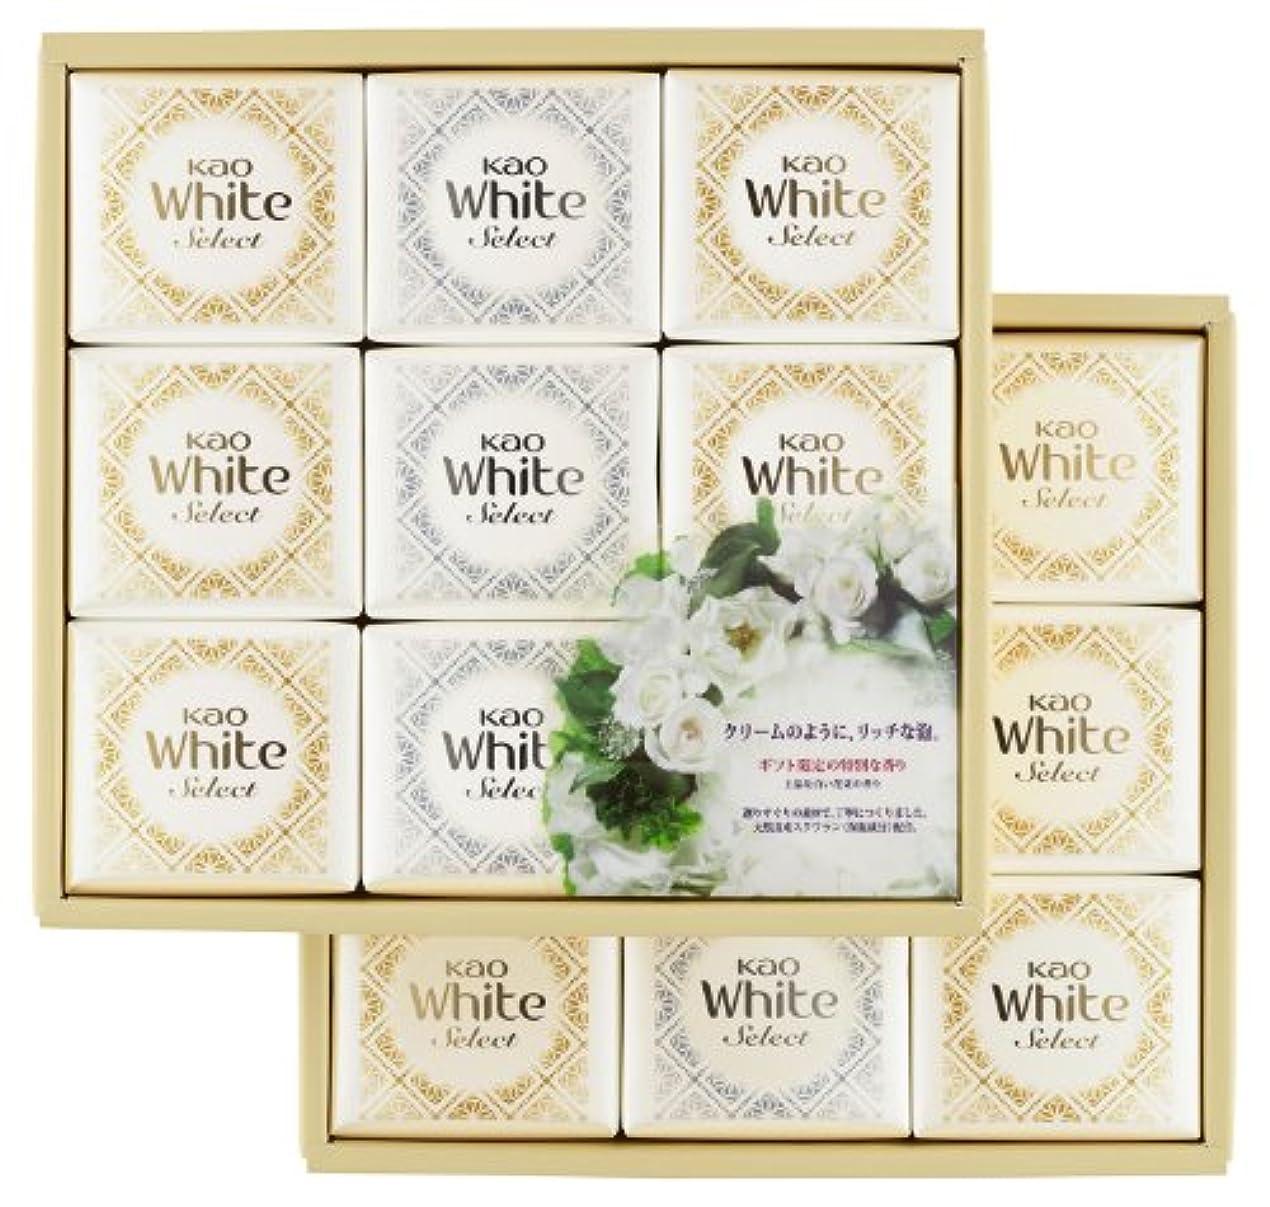 支出プレミア召喚する花王ホワイト セレクト 上品な白い花束の香り 85g 18コ K?WS-30